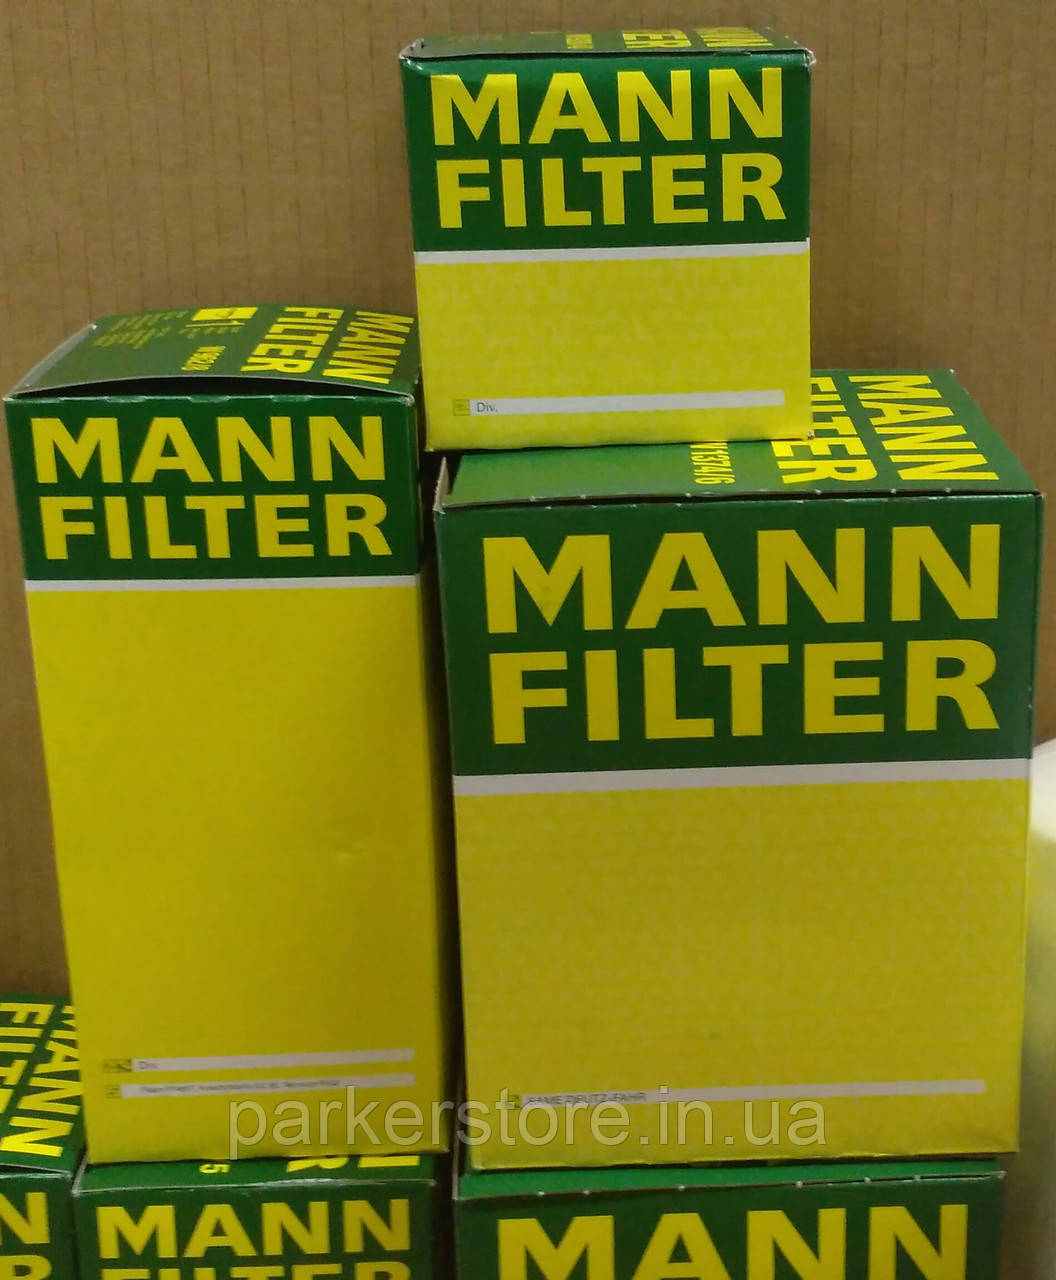 MANN FILTER / Воздушный фильтр / C 12 100 / C12100